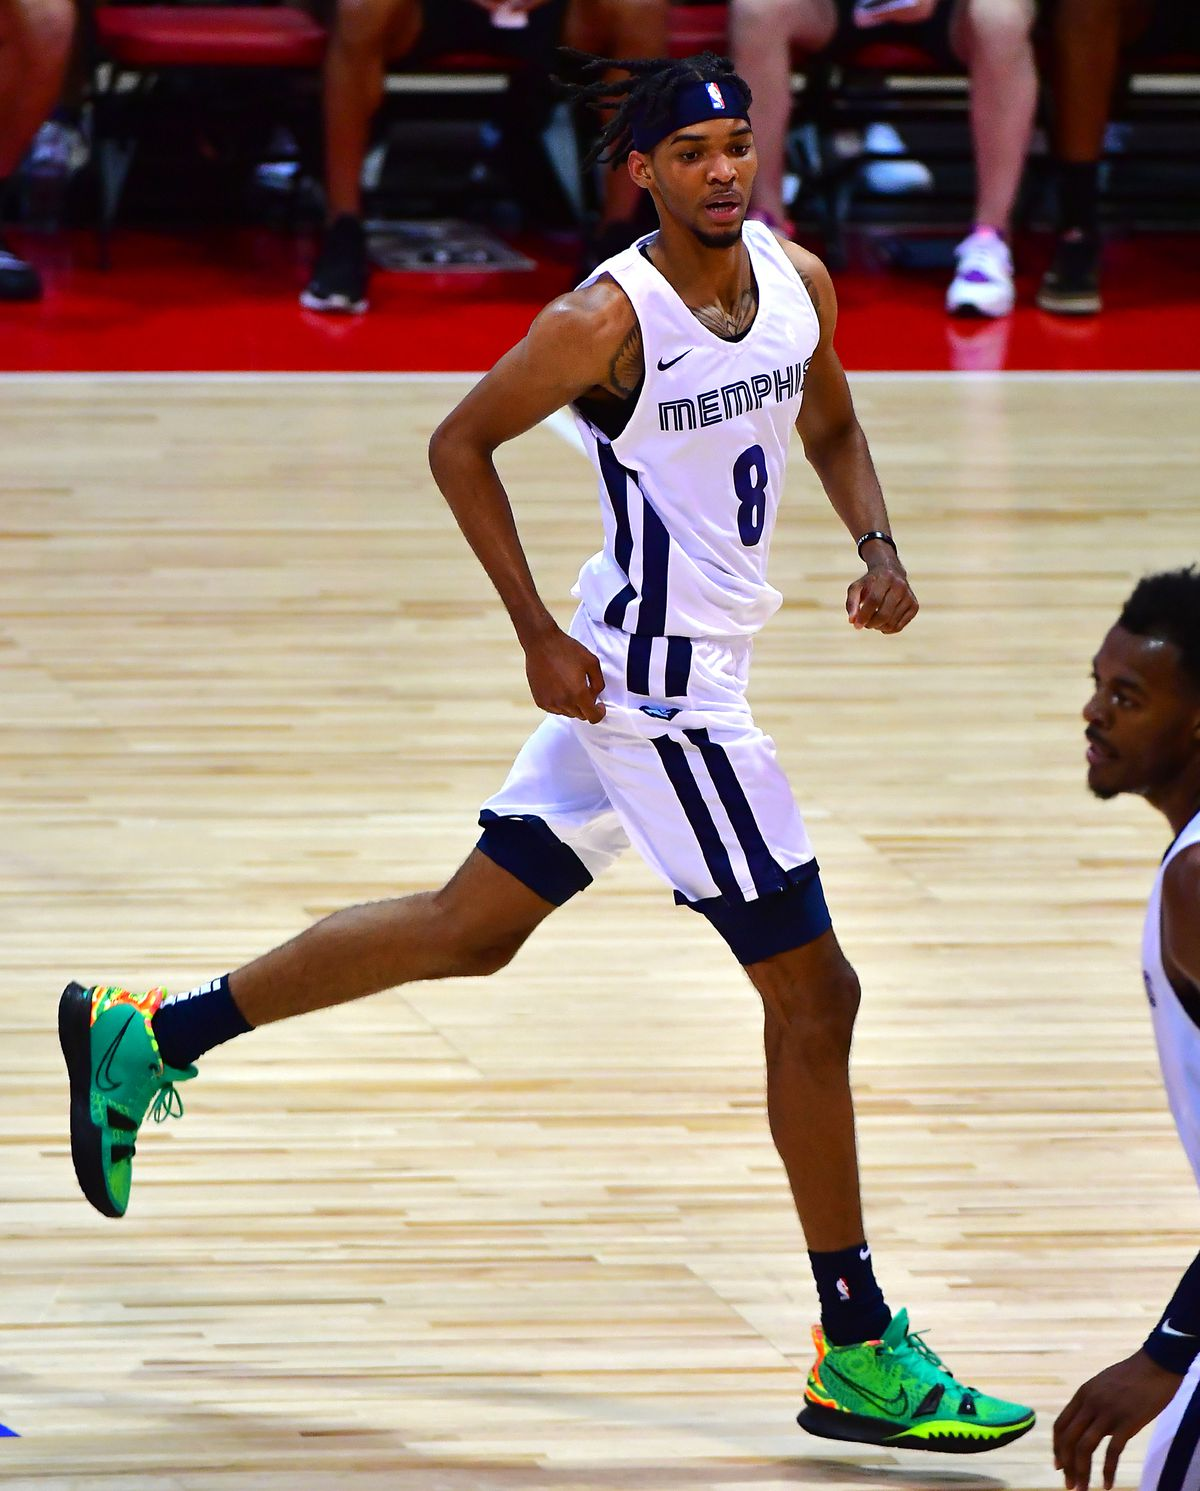 NBA: Summer League-Brooklyn Nets at Memphis Grizzlies